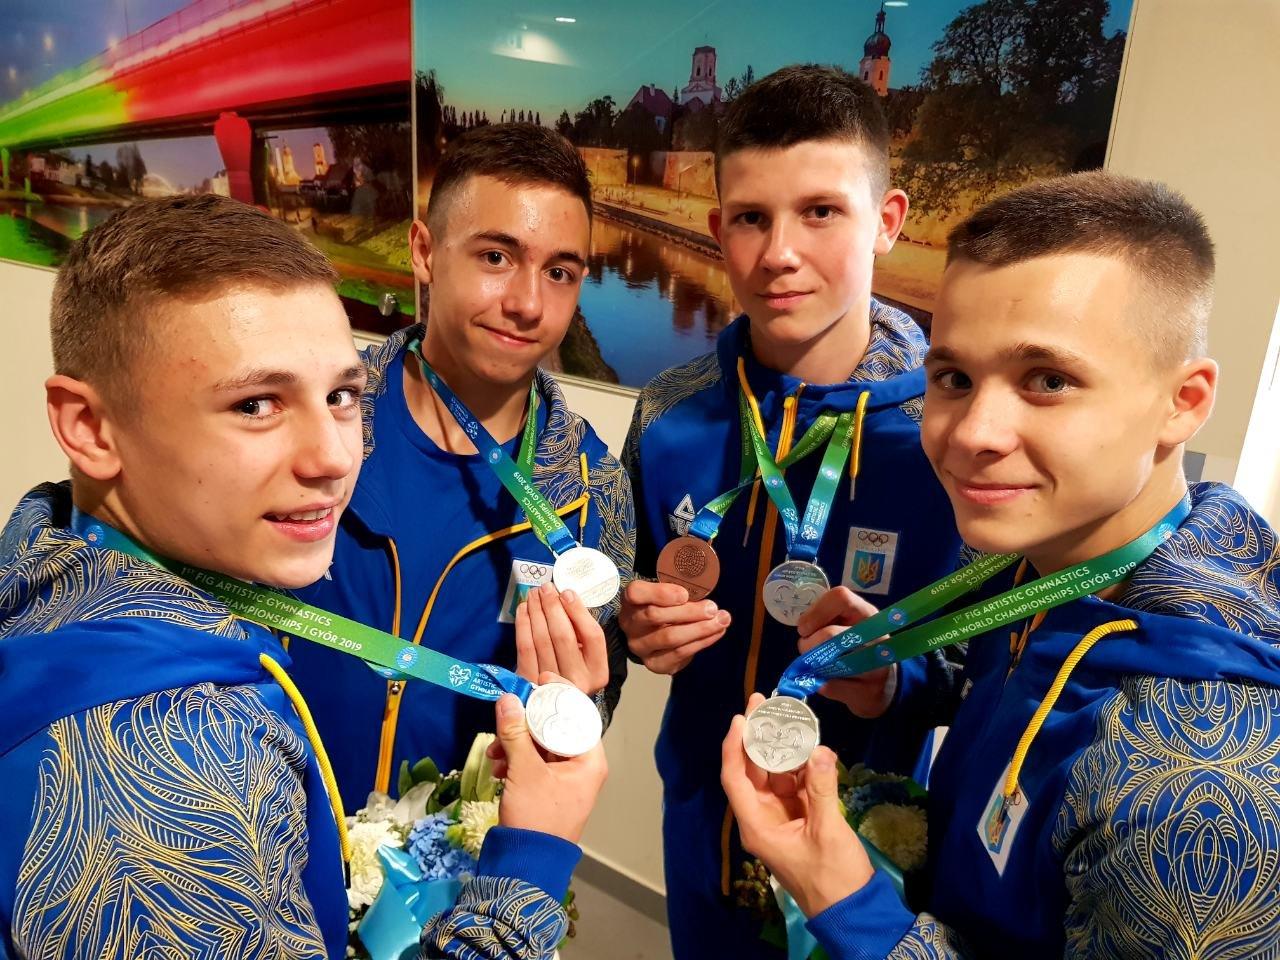 Днепрянин завоевал серебро на чемпионате мира среди по спортивной гимнастике, - ФОТО, фото-2